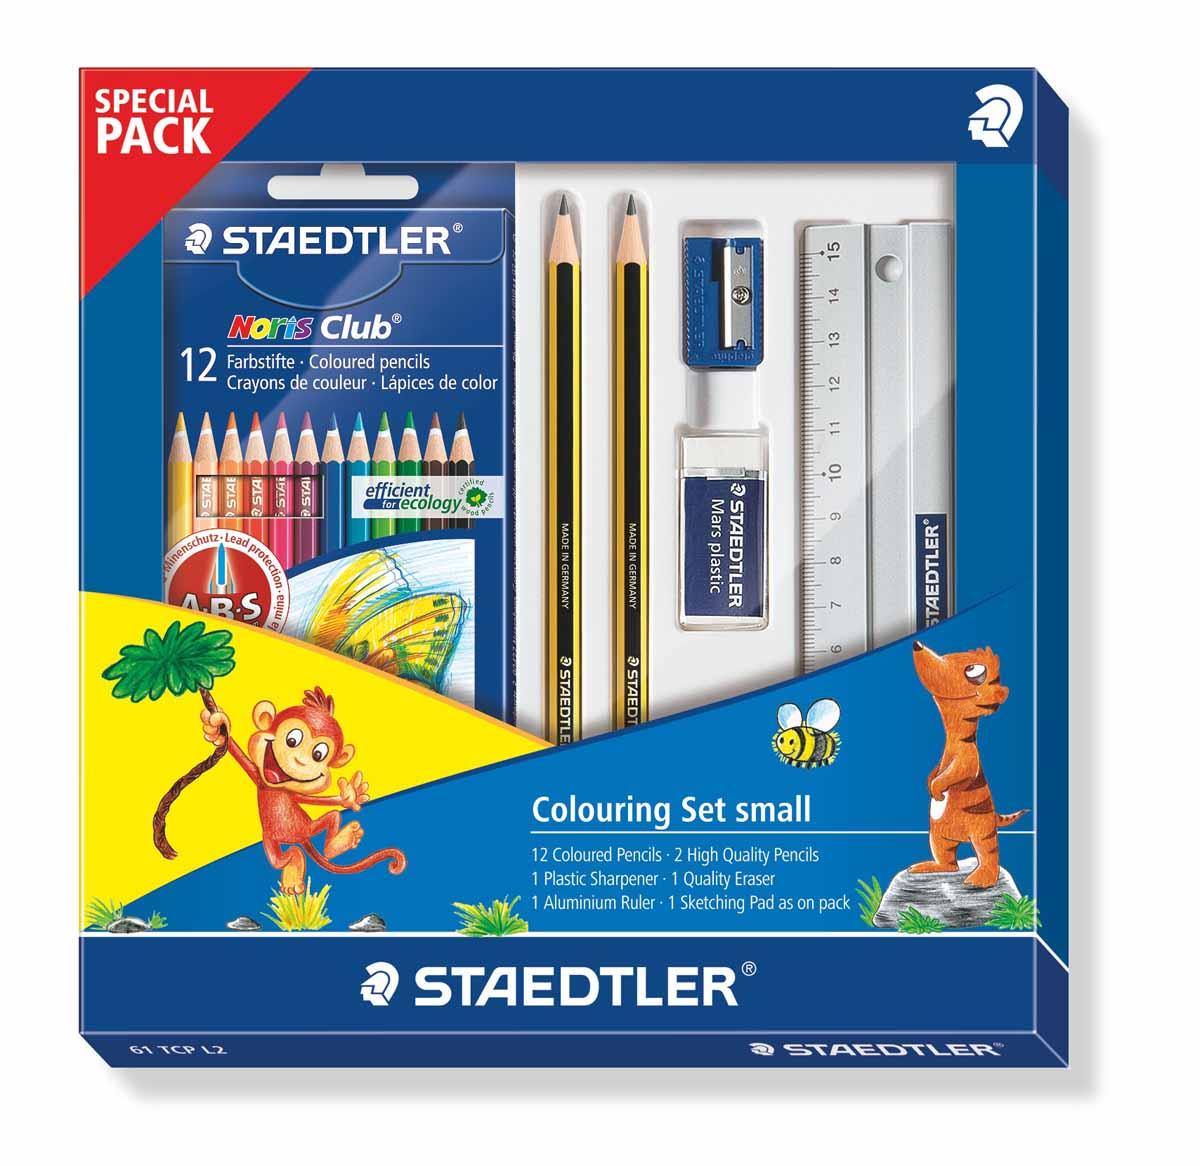 Staedtler Набор для рисования 61TCPL2 17 предметов61TCPL2Цветные карандаши Staedtler Noris Club обладают классической трехгранной формой. Разработанные специально для детей, они имеют мягкий грифель и насыщенные цвета, а белое защитное покрытие грифеля (А·B·S) делает его более устойчивым к повреждению.С цветными карандашами Noris Club ваши дети будут создавать яркие и запоминающиеся рисунки.